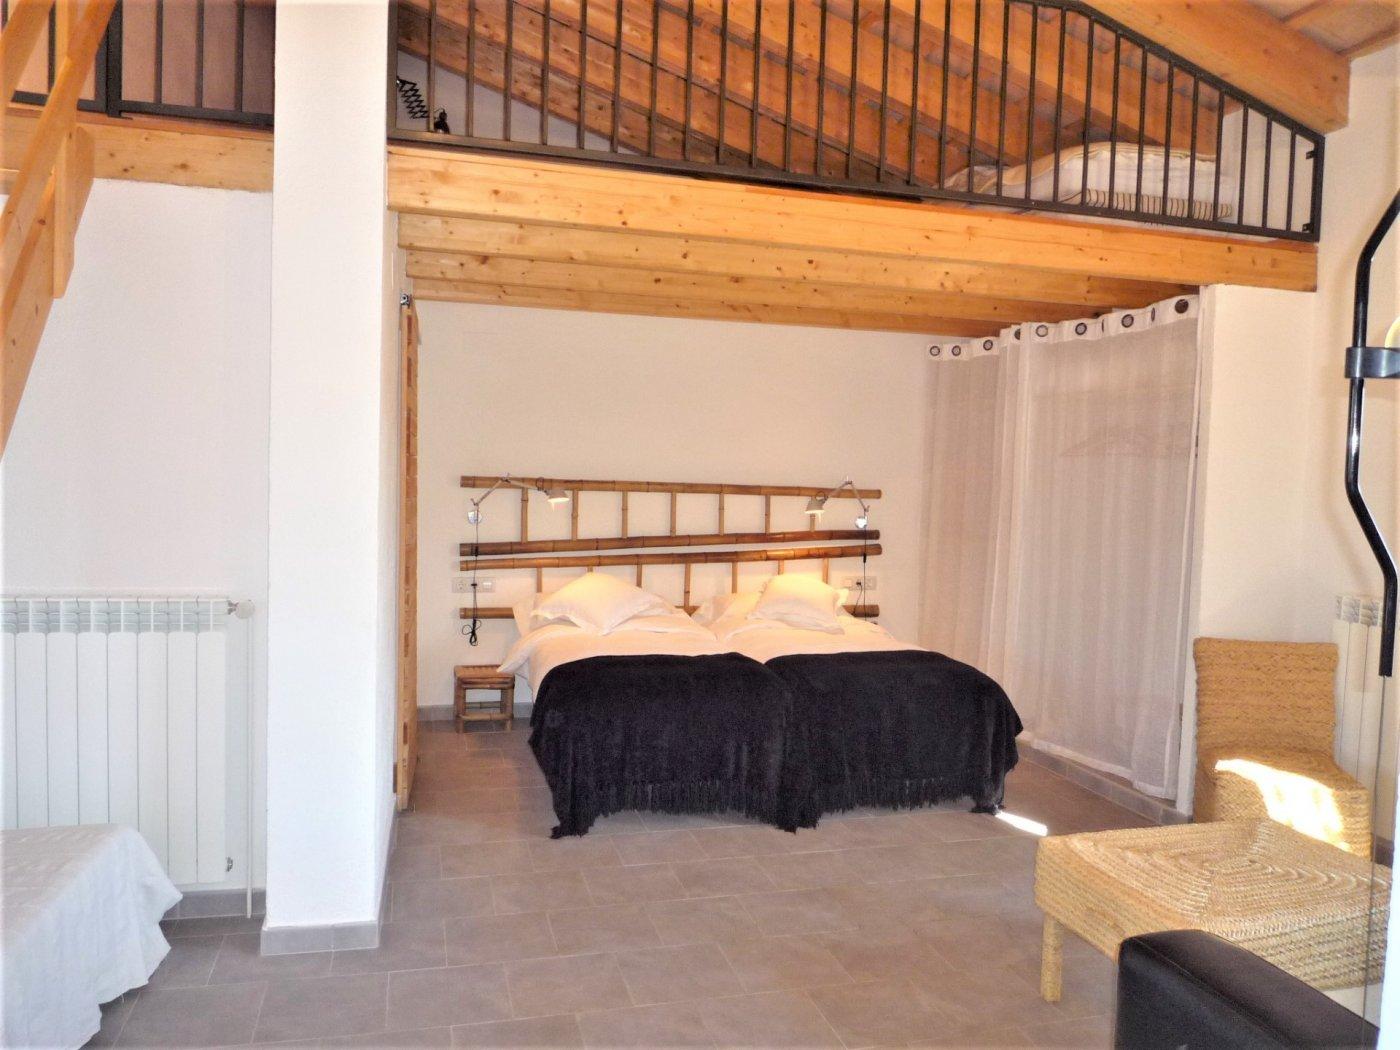 Edificio en venta en montblanc - imagenInmueble34